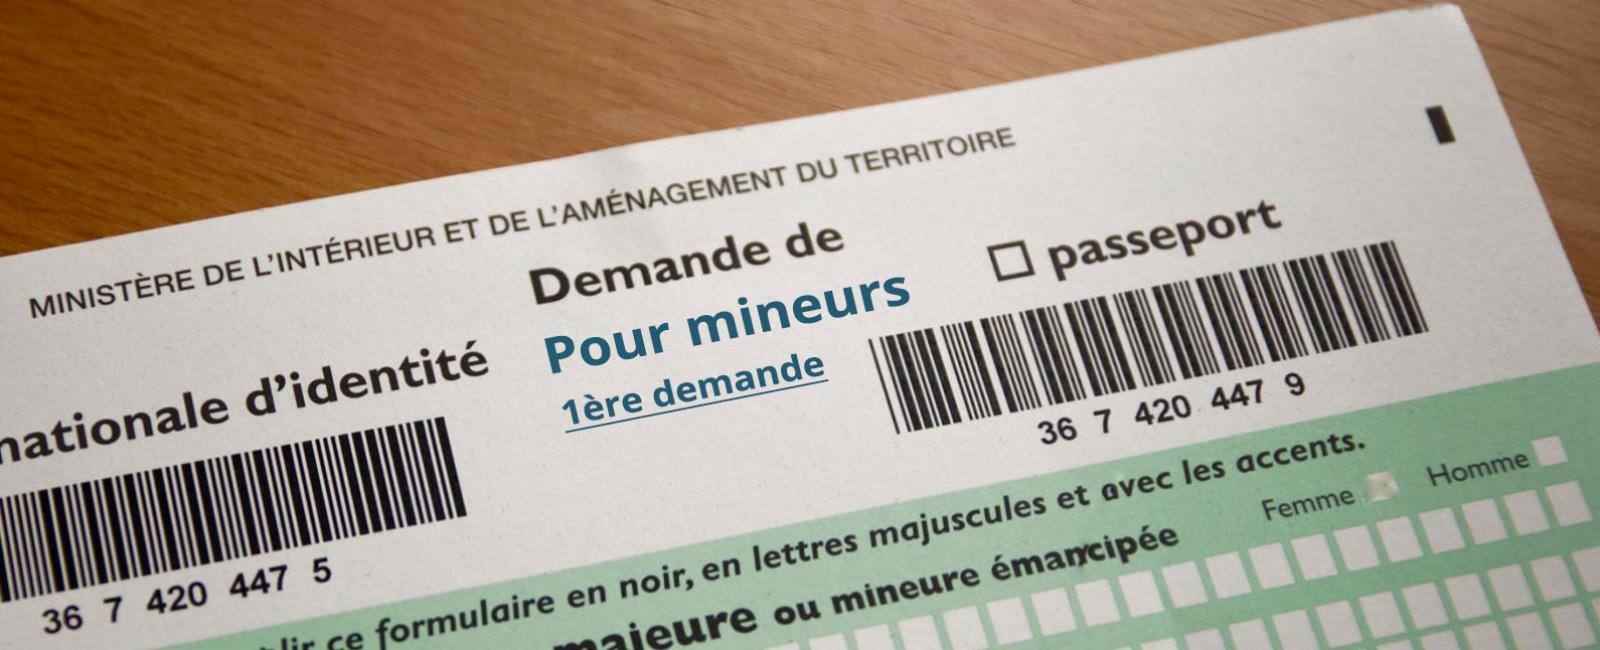 demande de carte d identité mineur Carte nationale d'identité d'un mineur : première demande | Ville